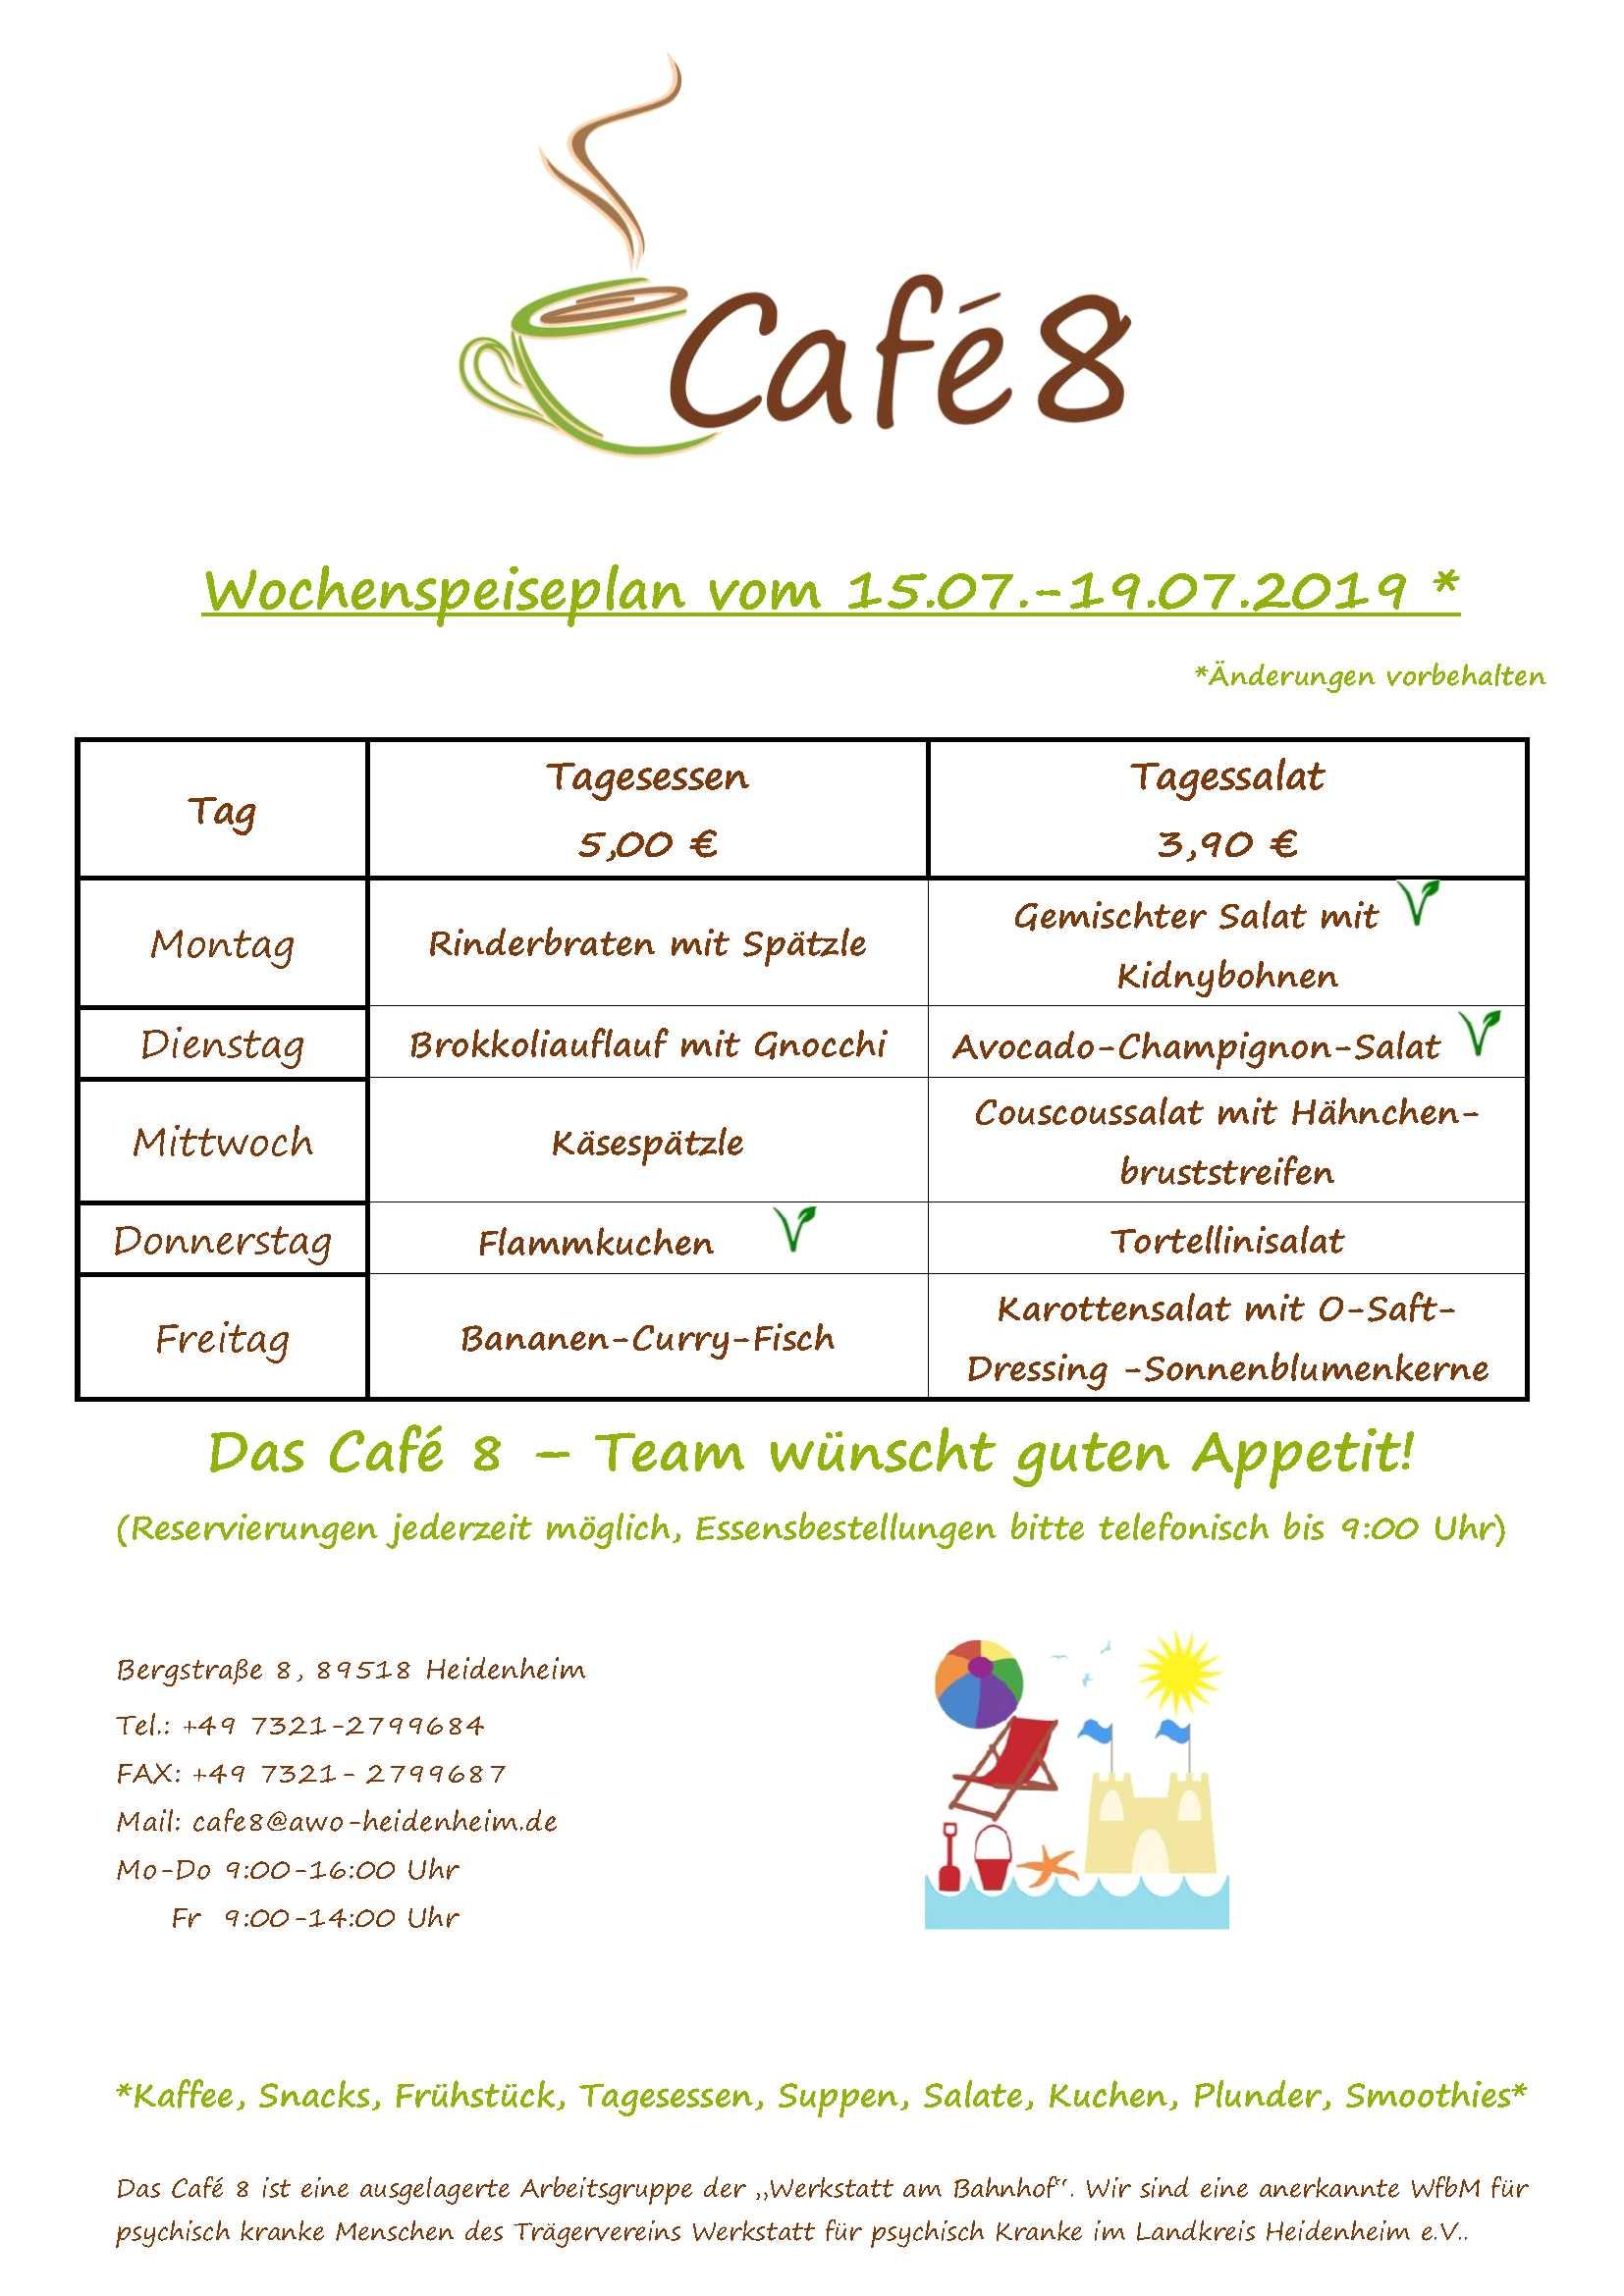 Cafe8_Wochenspeiseplan_KW29-19